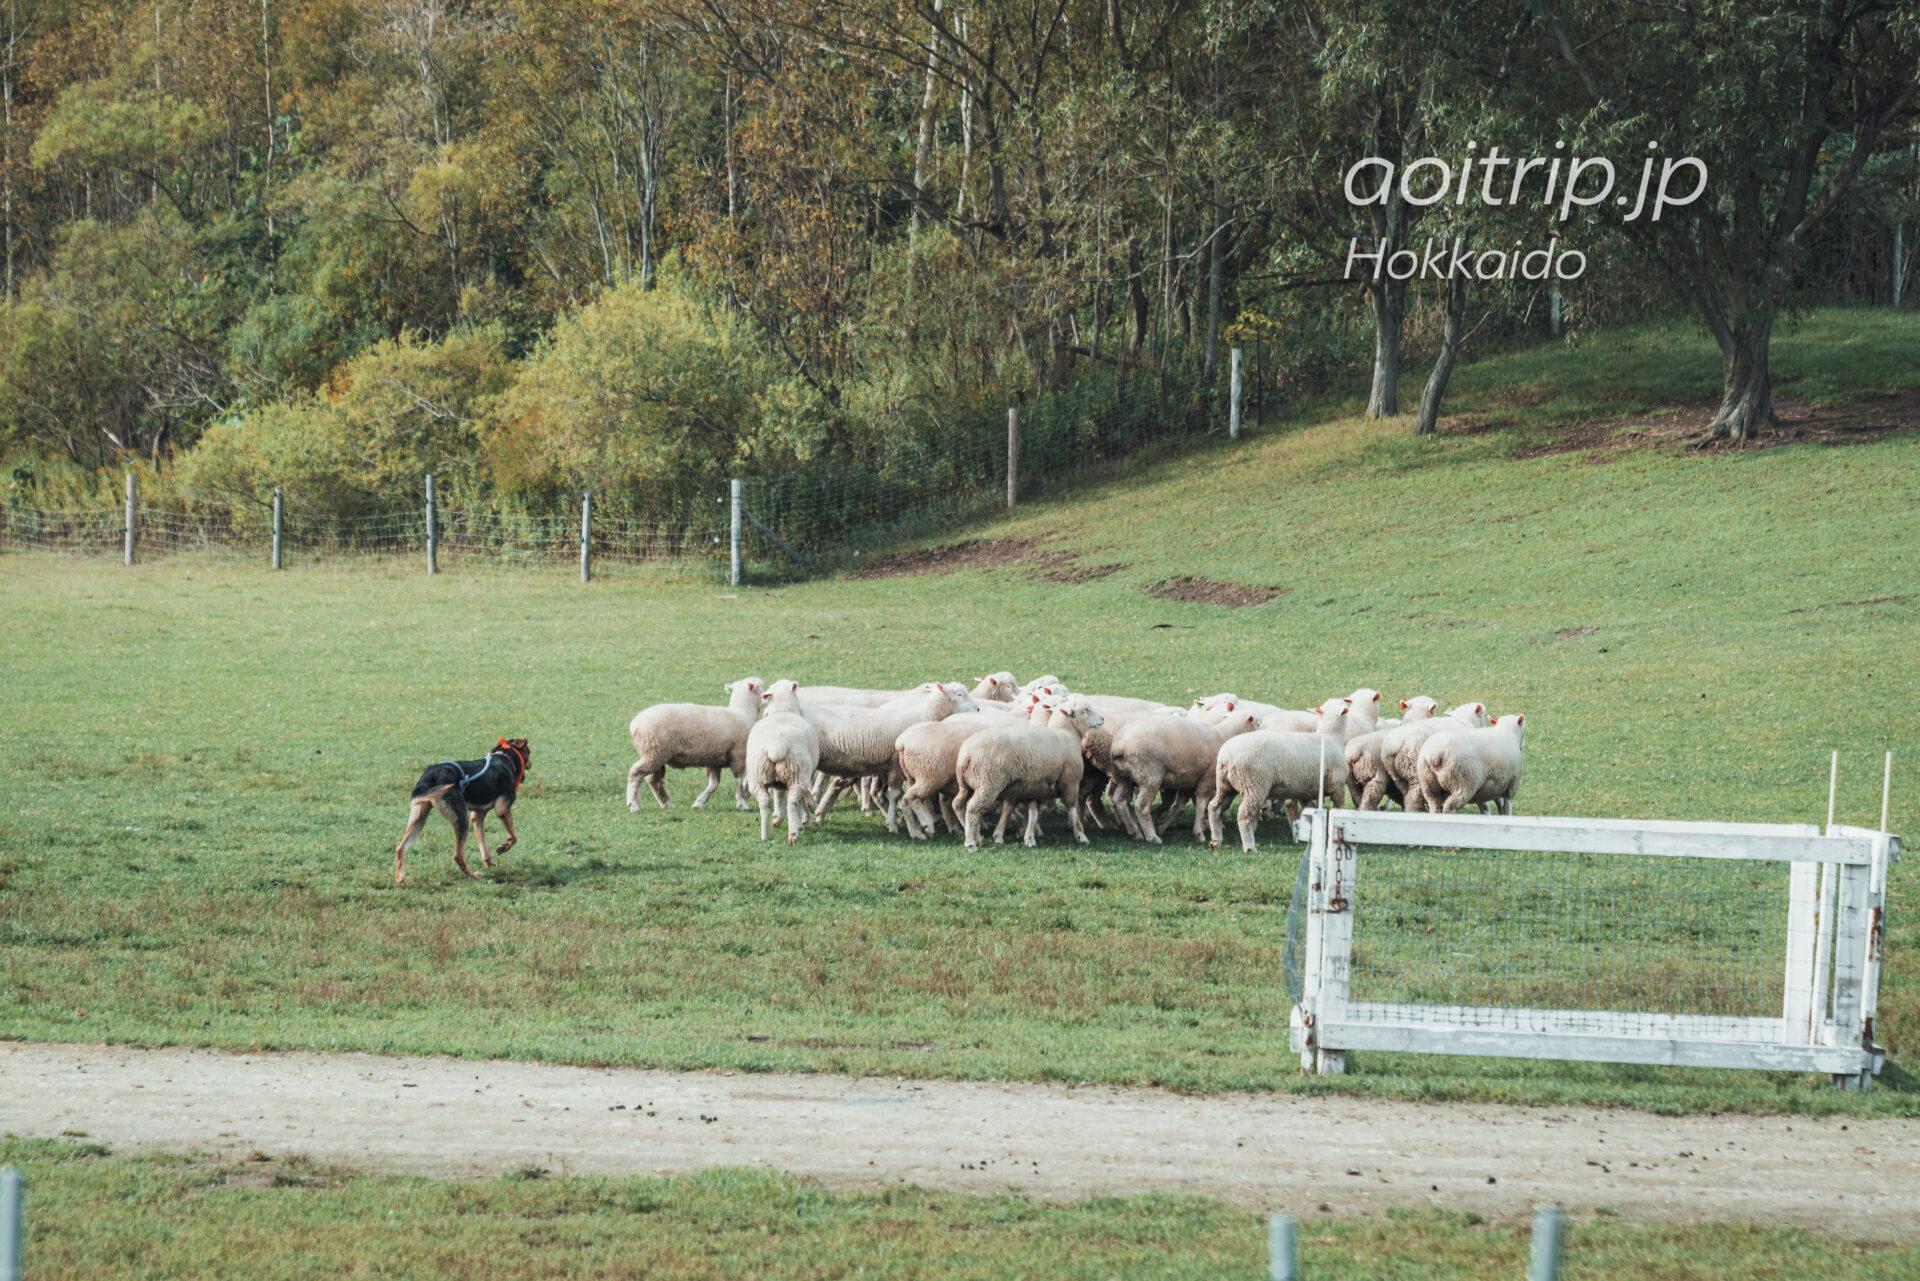 えこりん村 Ecorin Village みどりの牧場 牧羊犬ショー